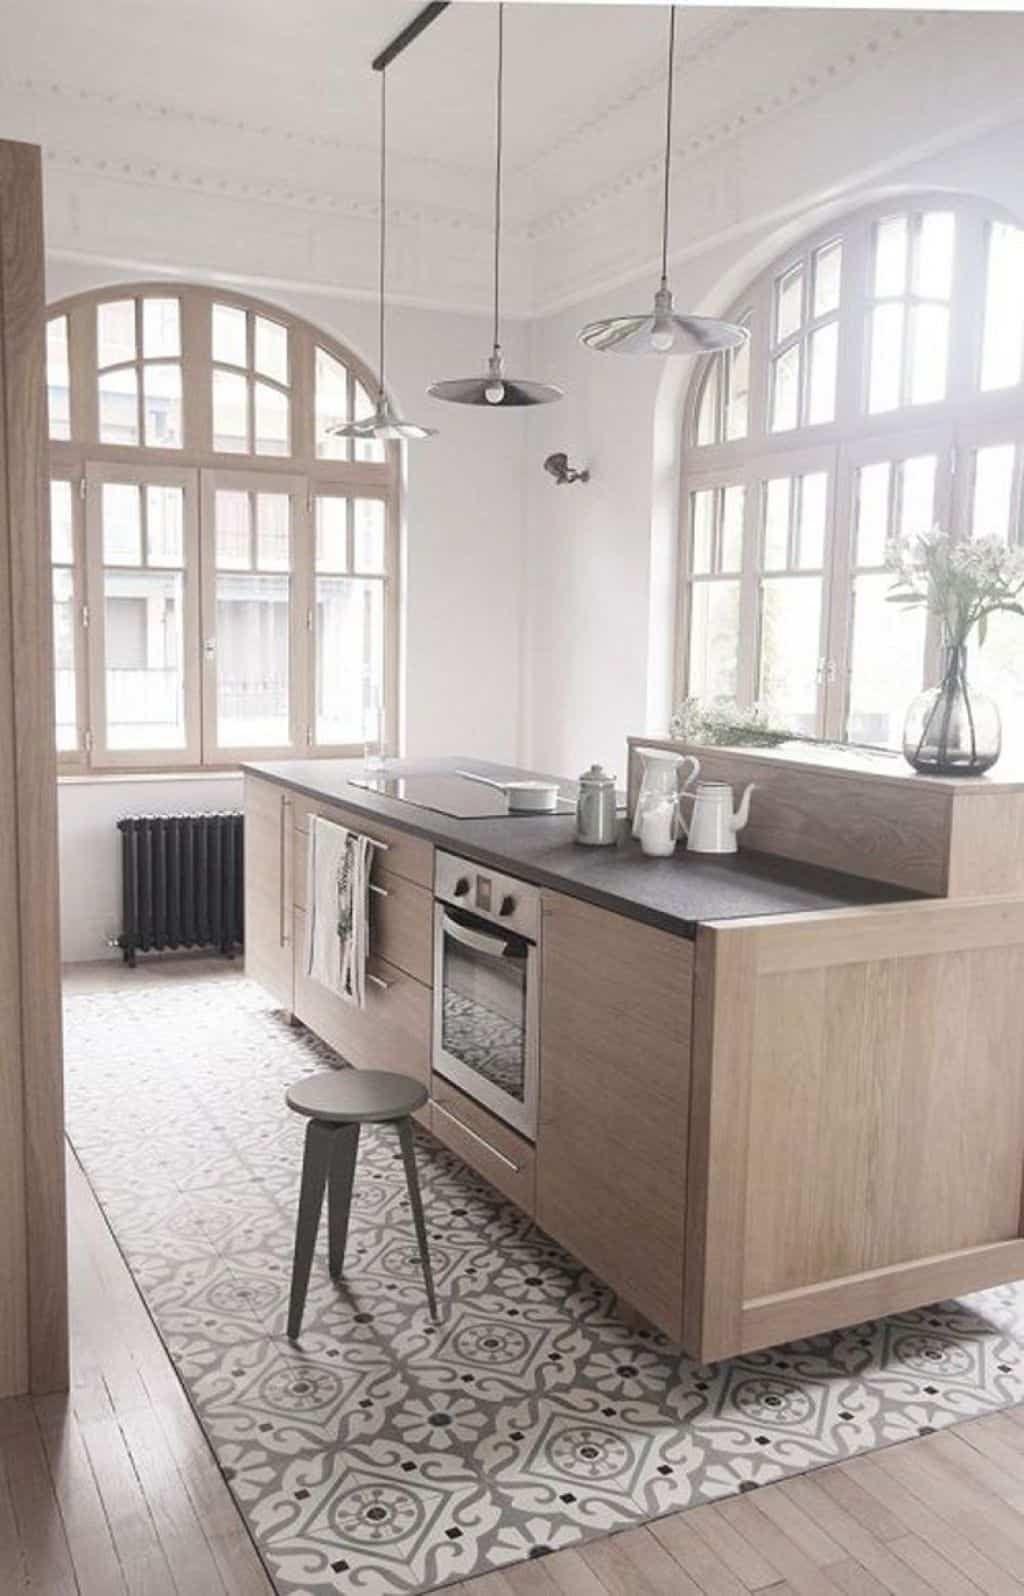 Wunderbar Küche Back Fliesen Clearance Galerie - Ideen Für Die Küche ...